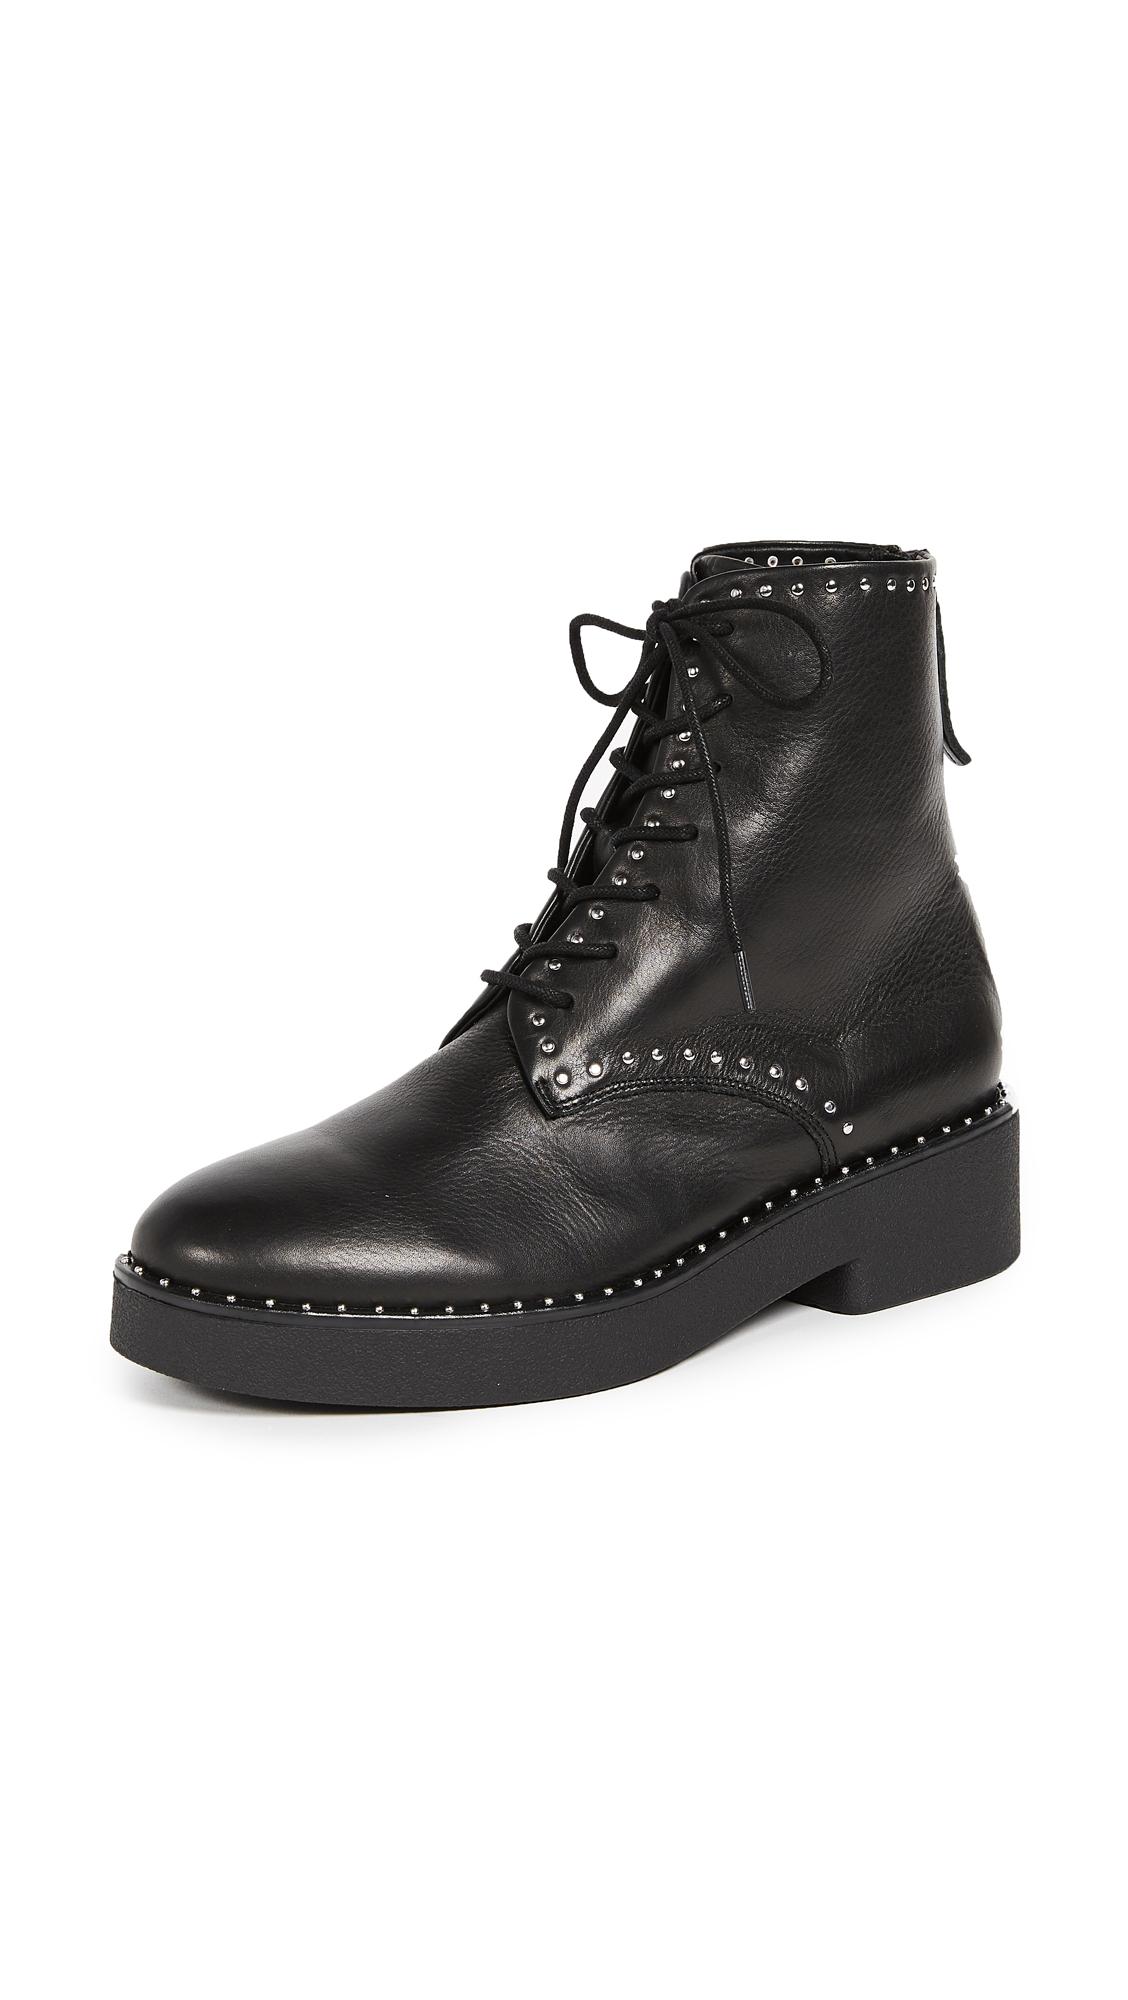 Sol Sana Meret Studded Boots - Black